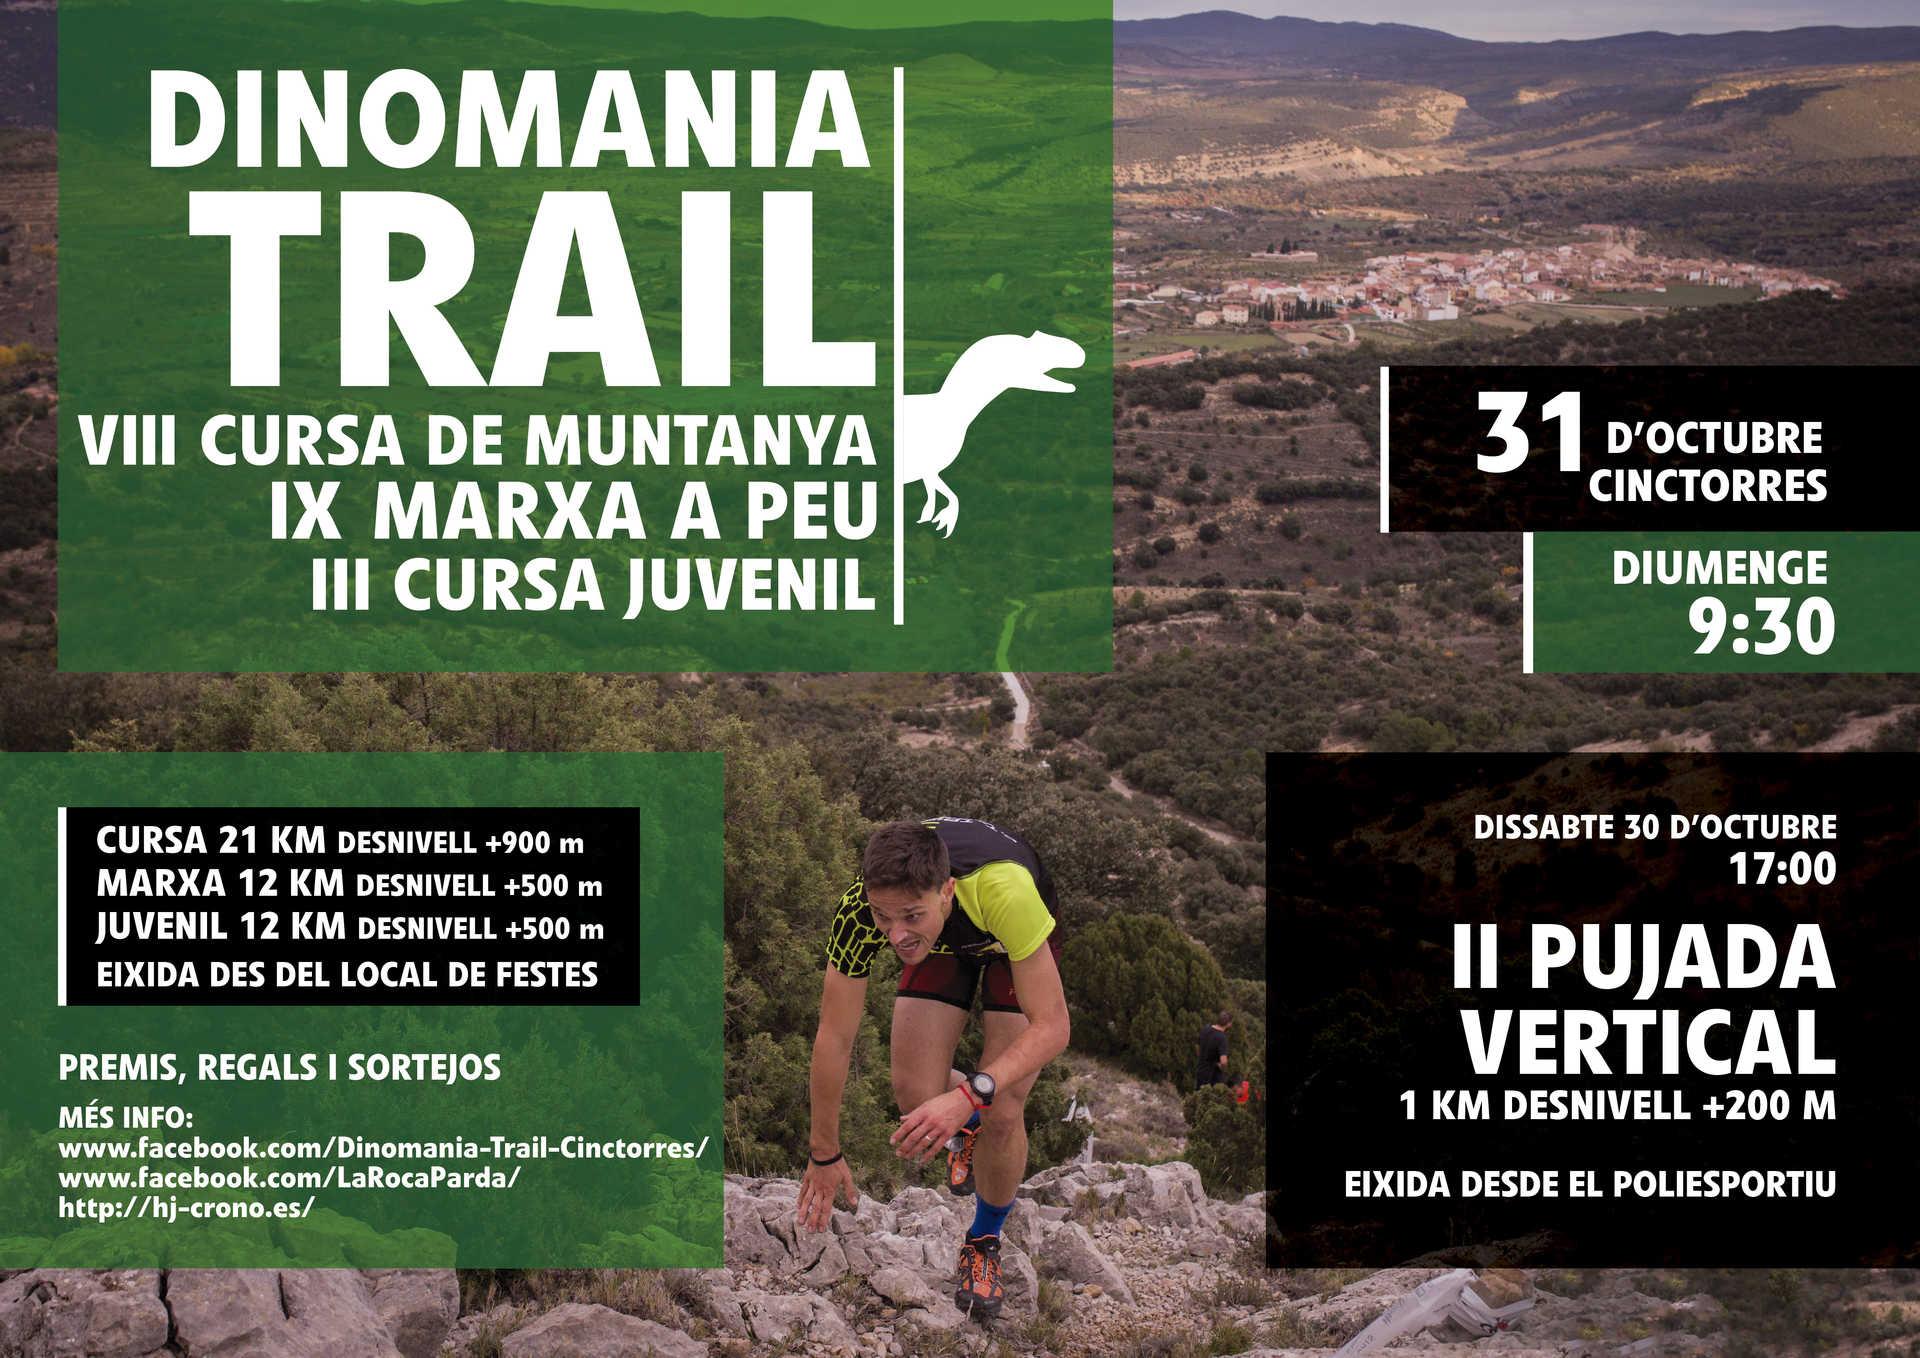 DINOMANIA TRAIL, CINCTORRES. CARRERA DE MONTAÑA